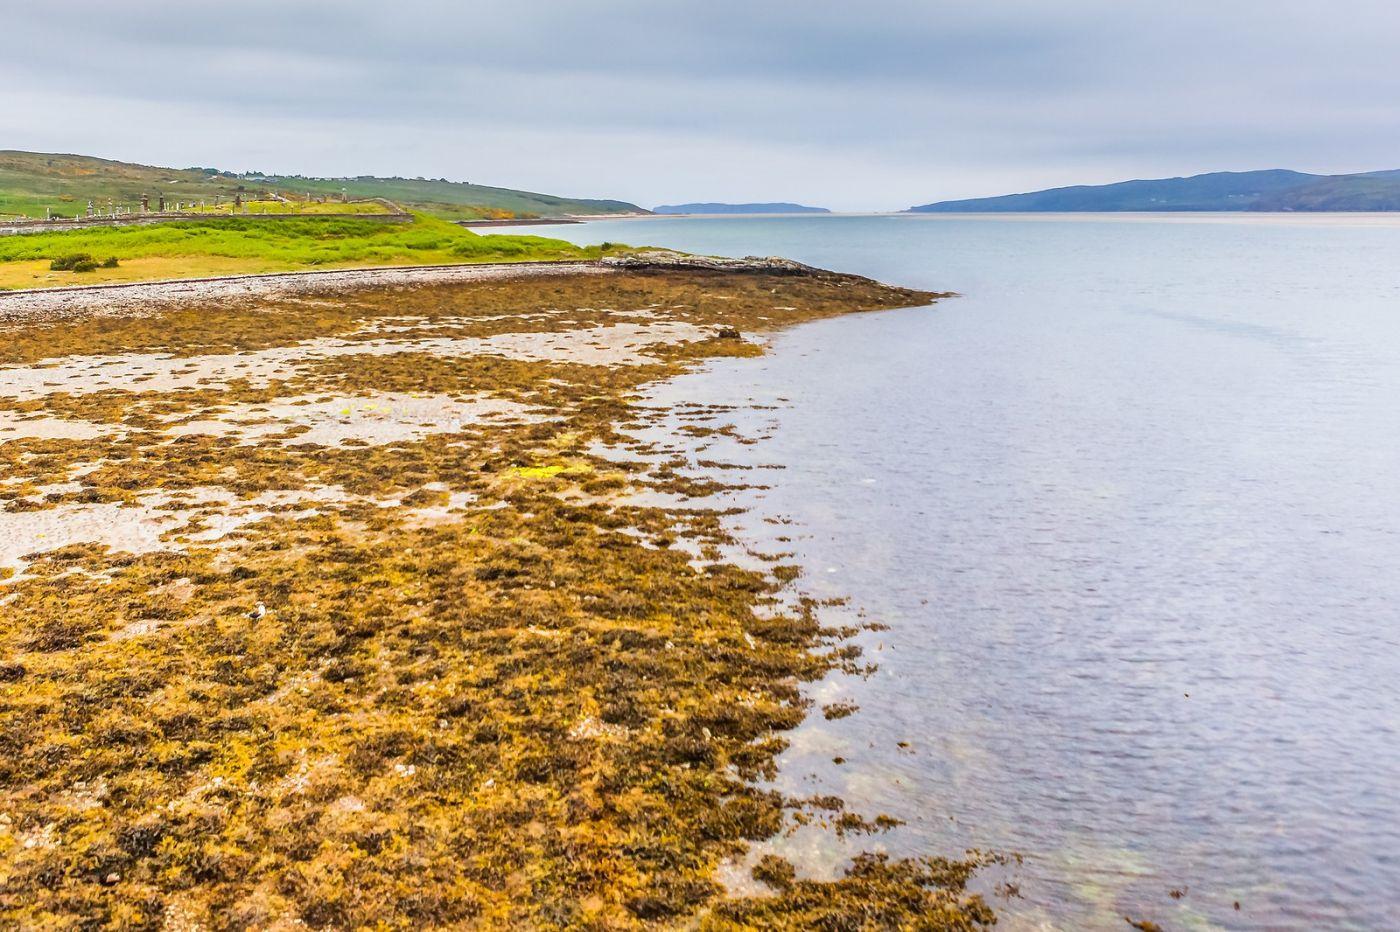 苏格兰美景,弯弯的沙滩_图1-3